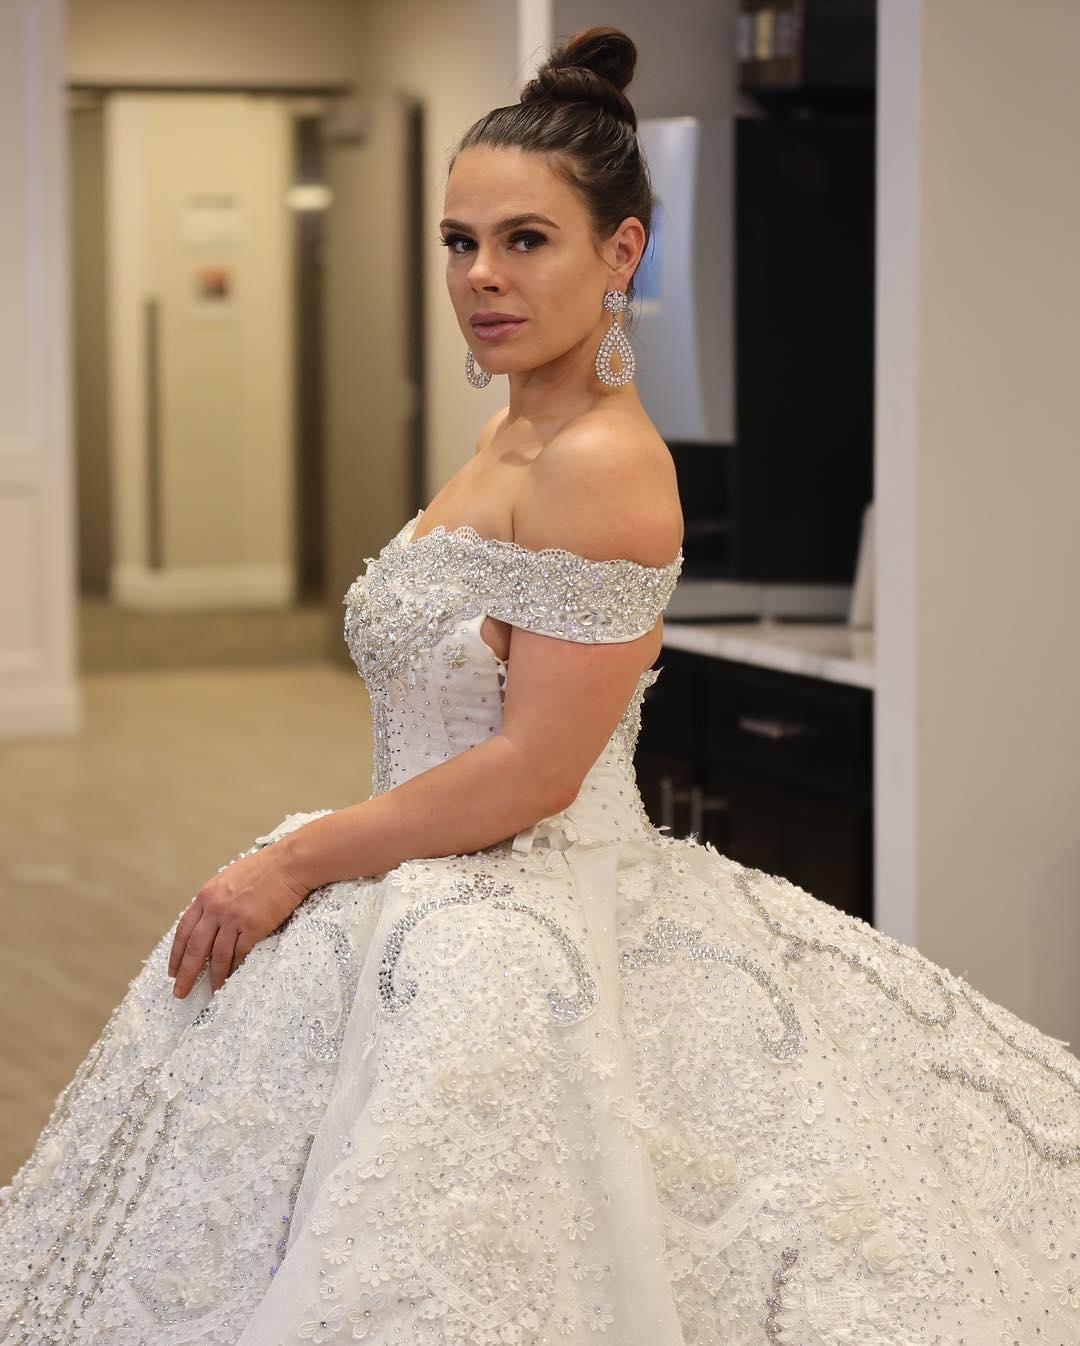 Ela Rose Sweet Weddings Bridals and Wedding Dress Bridal Shop Columbus Ohio